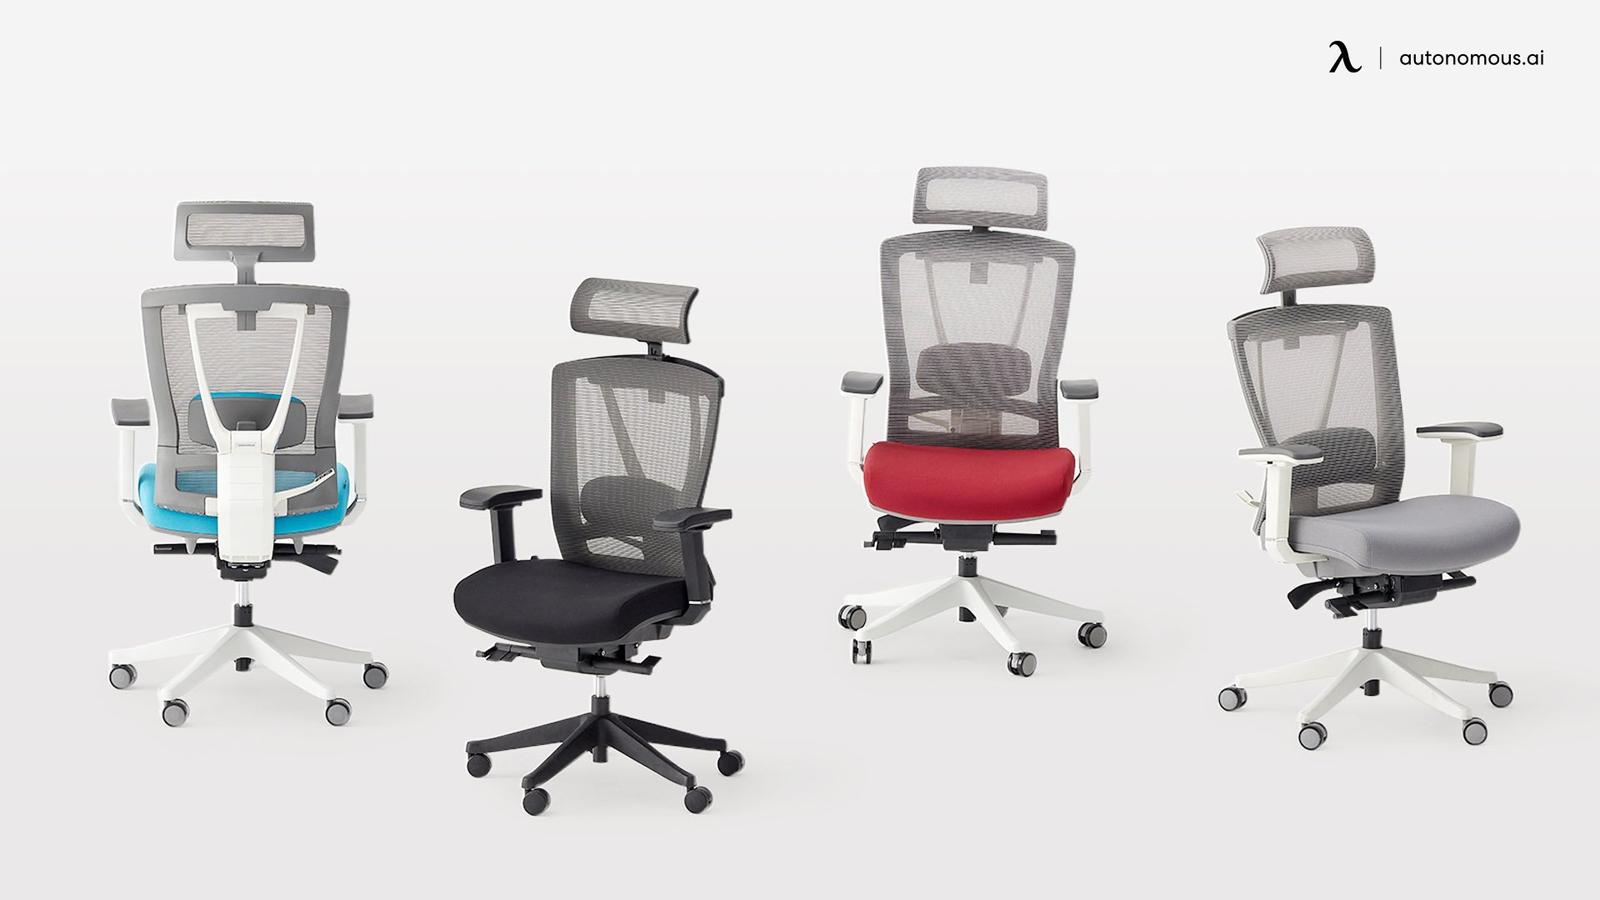 Best Black Friday Ergonomic Chair Deals 2020 From Autonomous